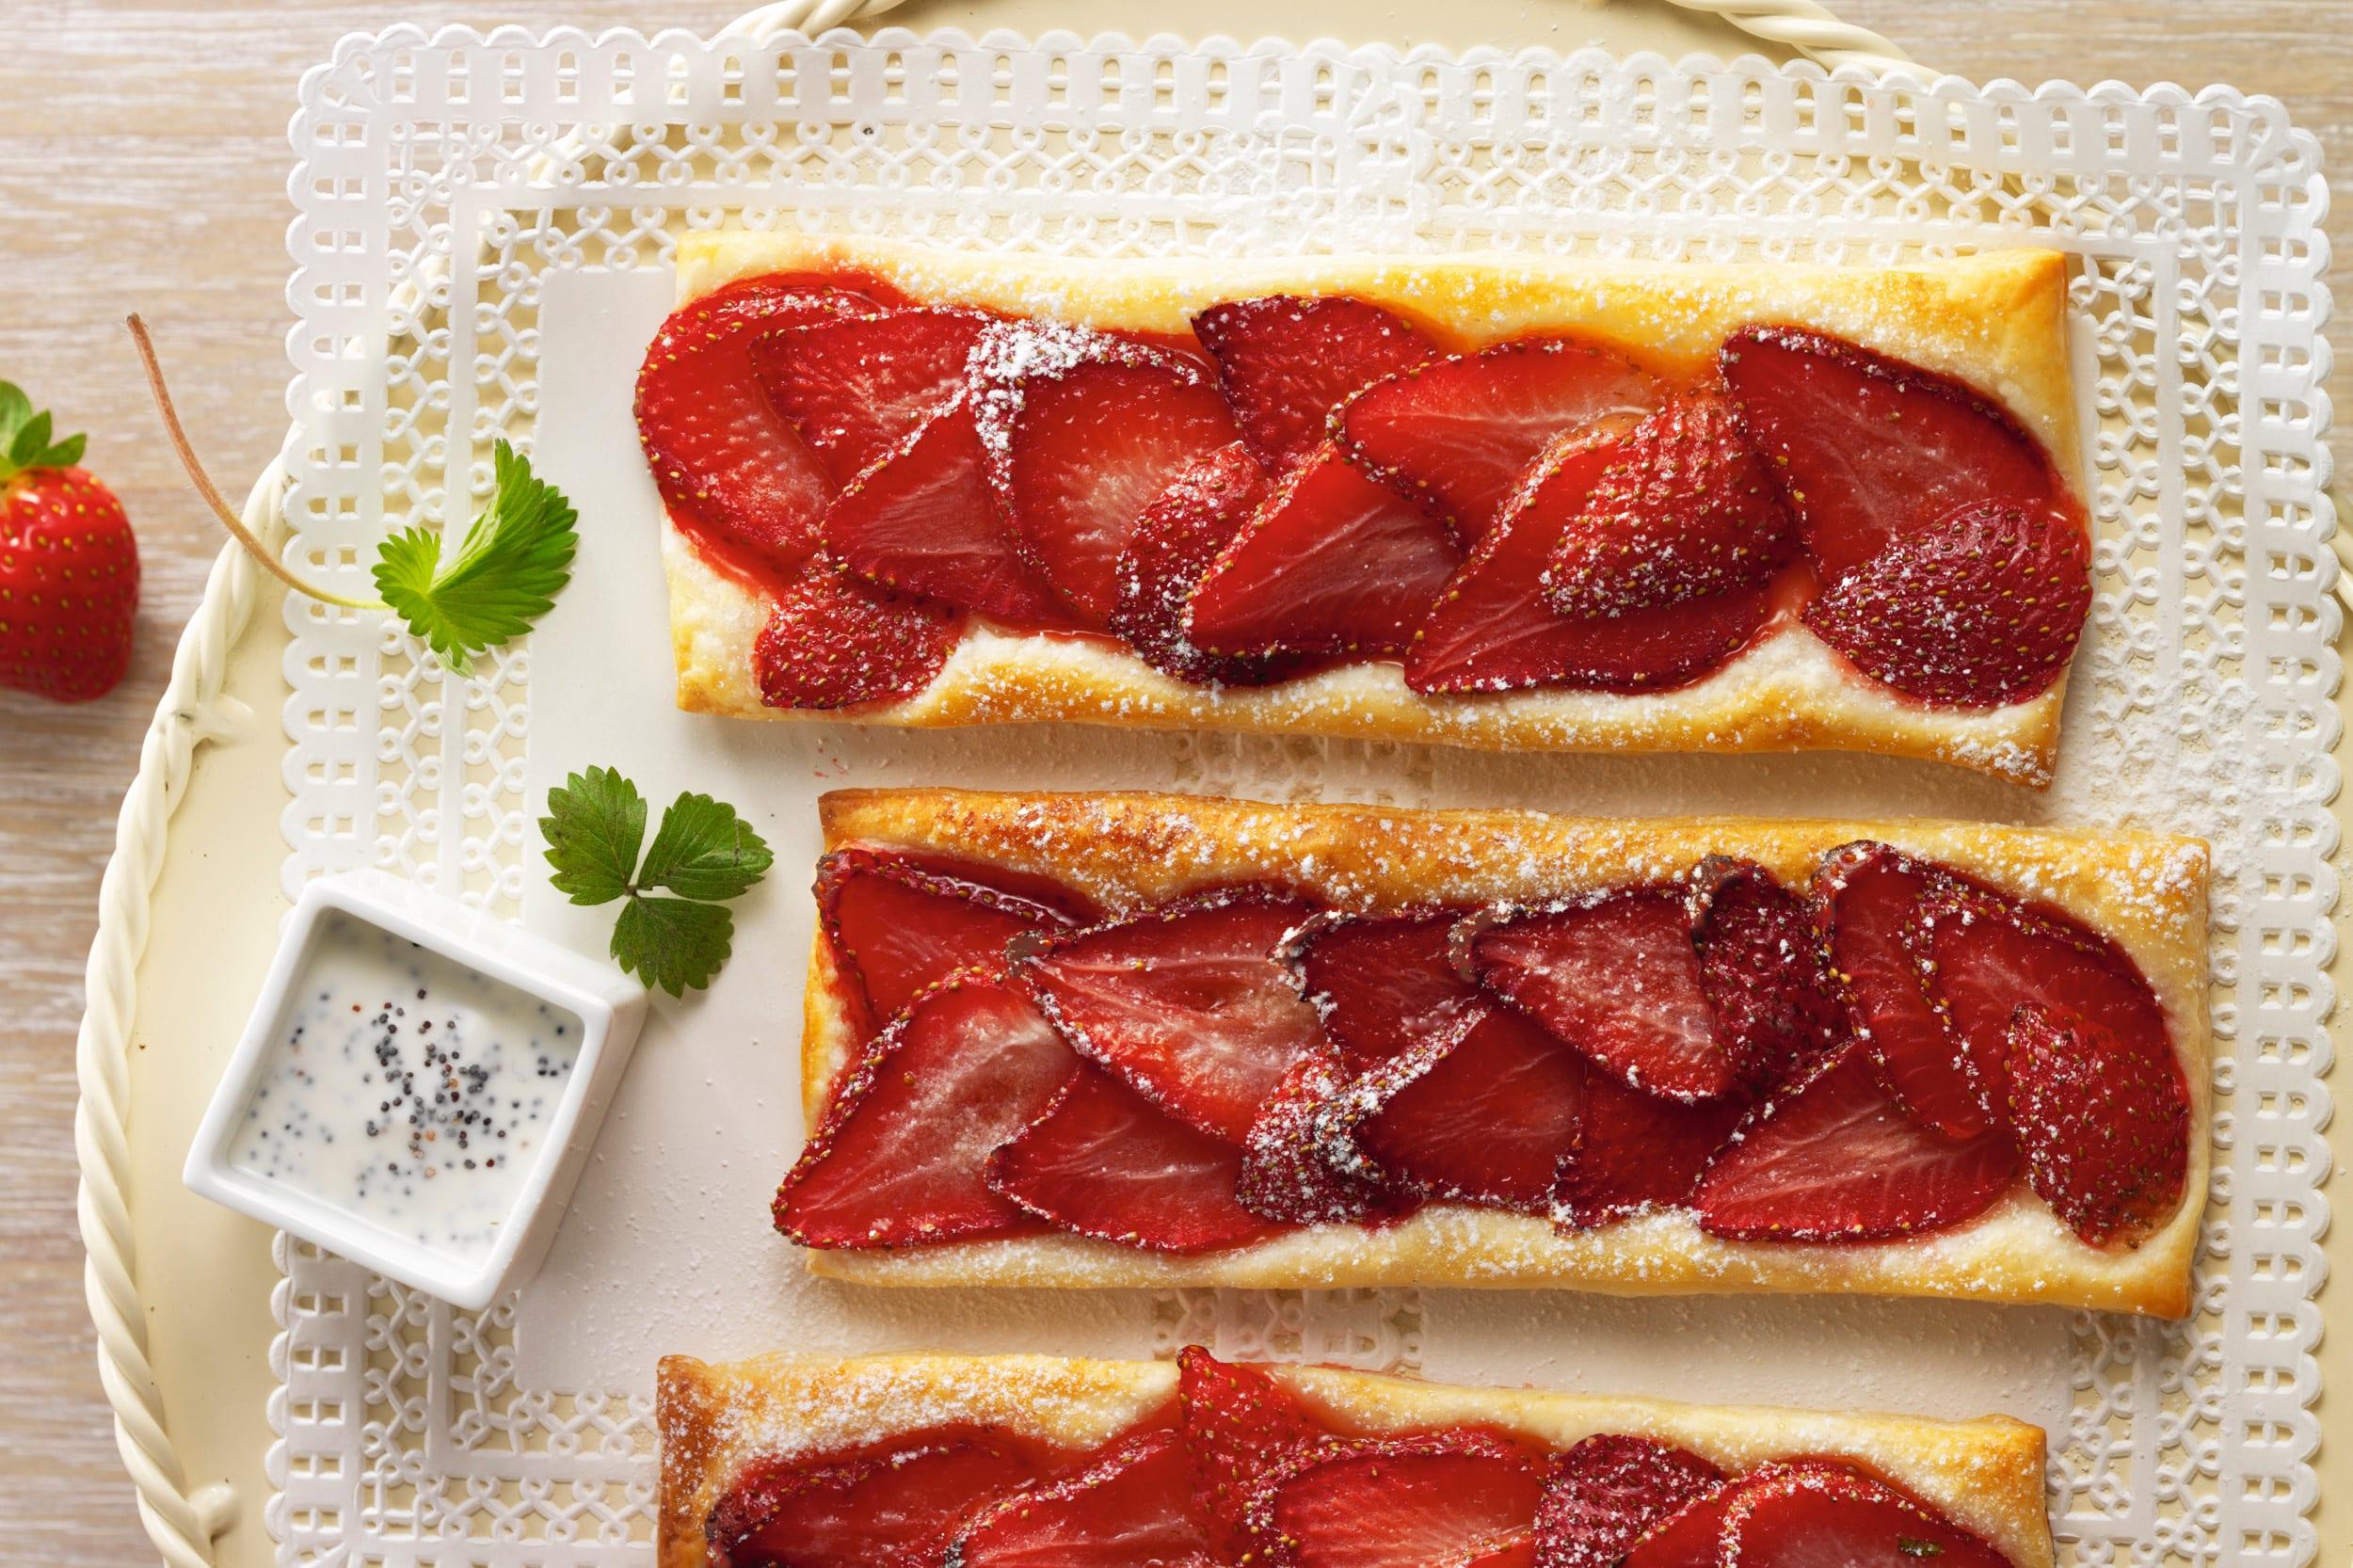 Erdbeer-Feuilletés